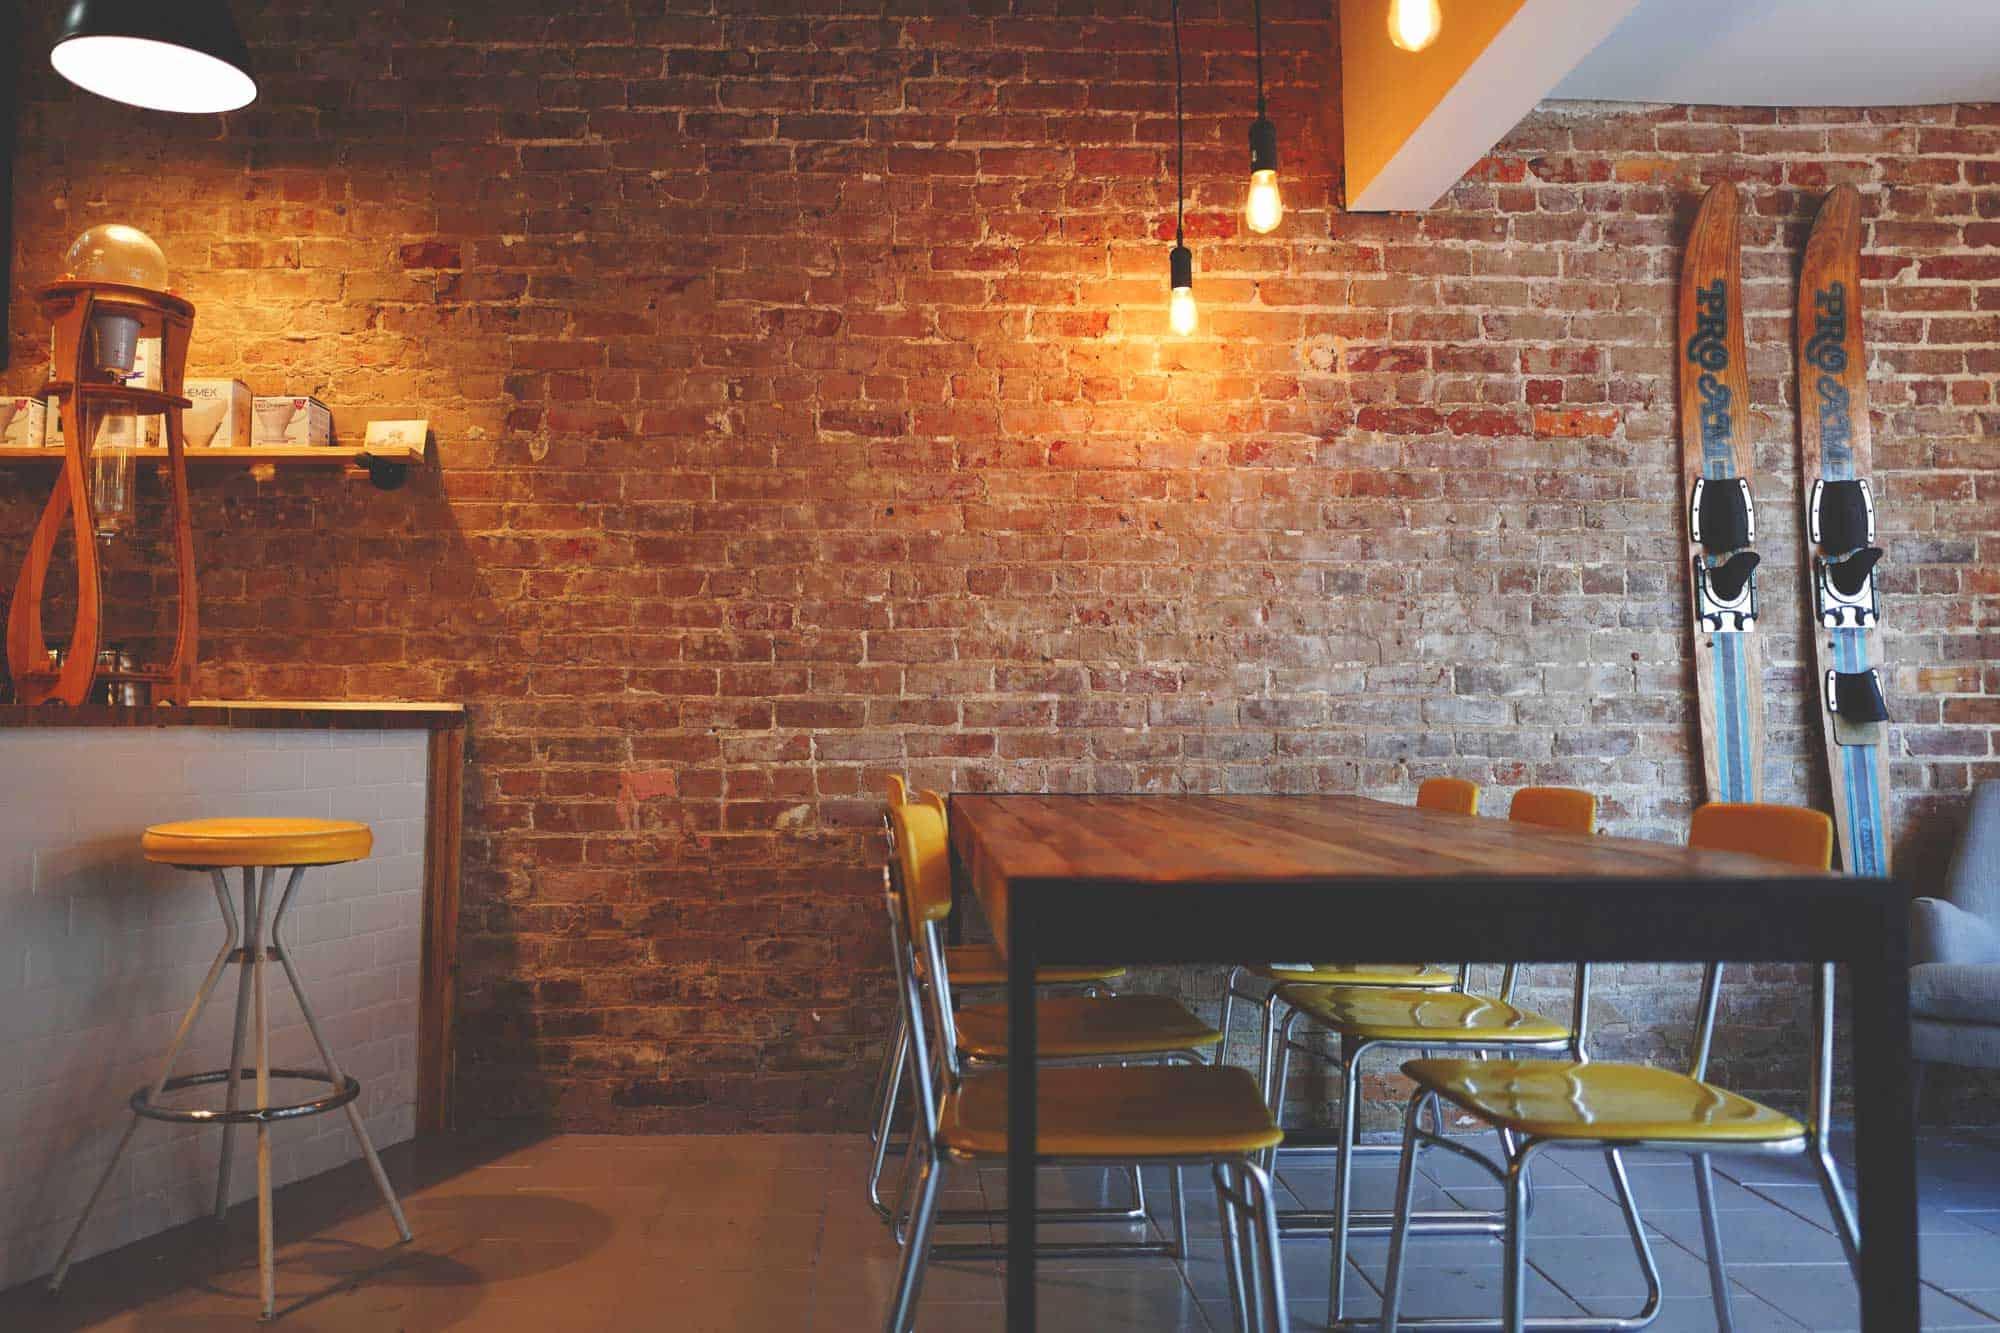 Interior-Masonry-Wall